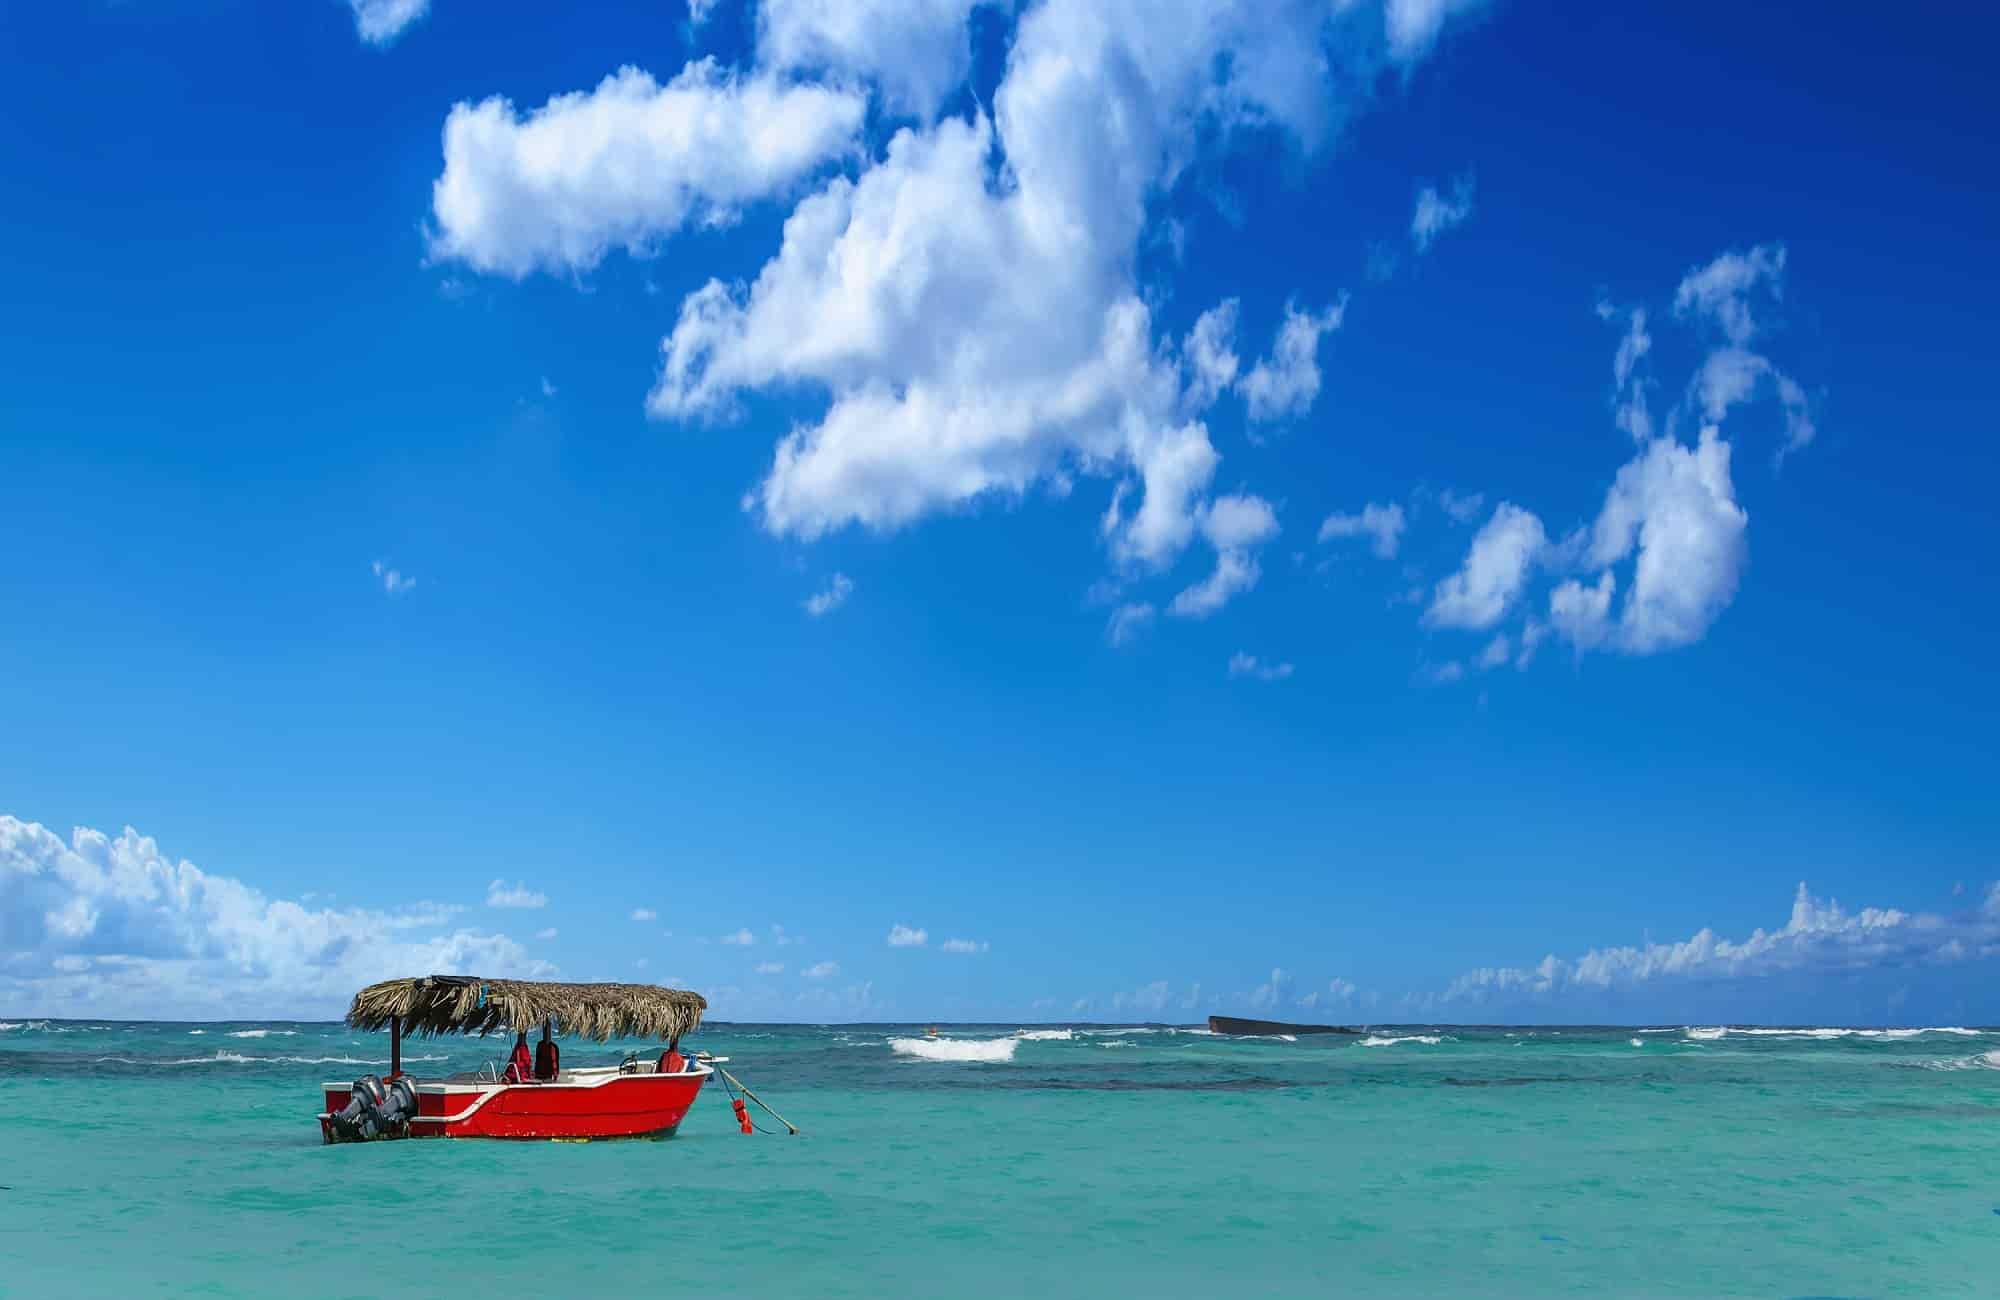 Voyage Caraïbes - Les plages de Guadeloupe - Amplitudes